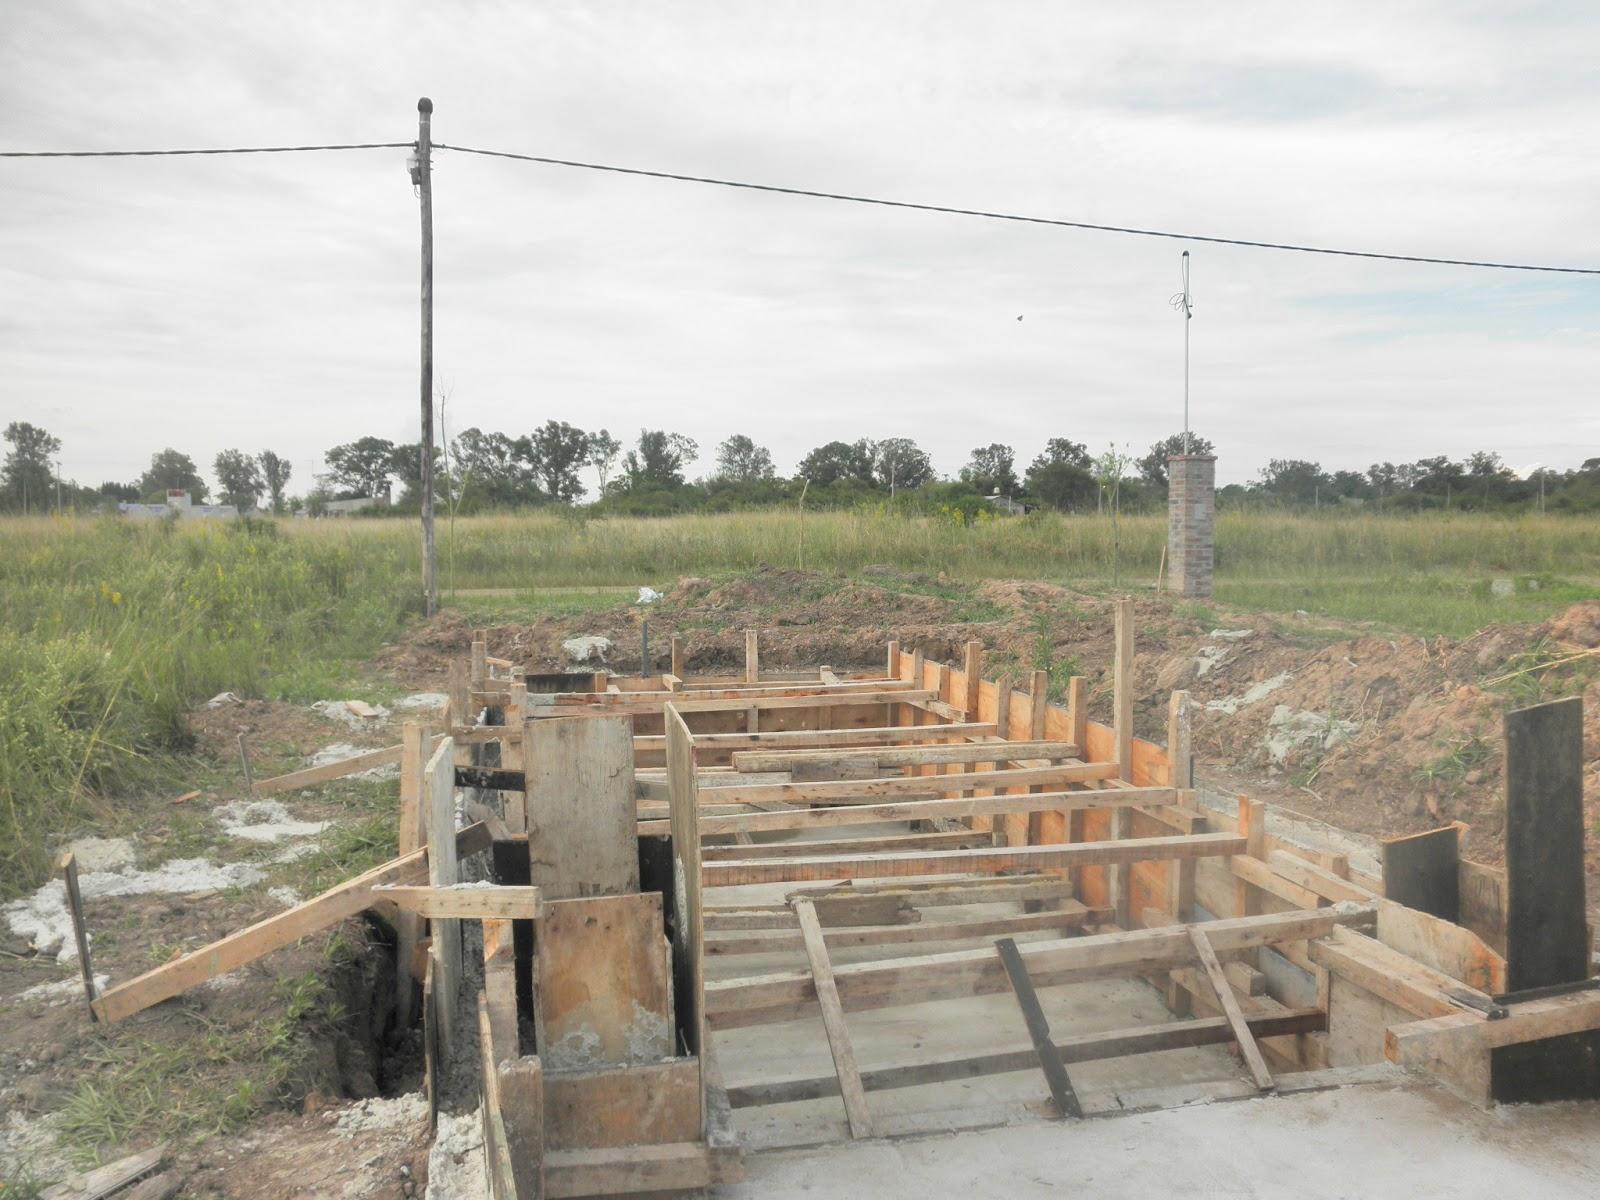 Construservis piscina de hormigon armado h a de 3 5 mts for Piscinas de hormigon armado construccion